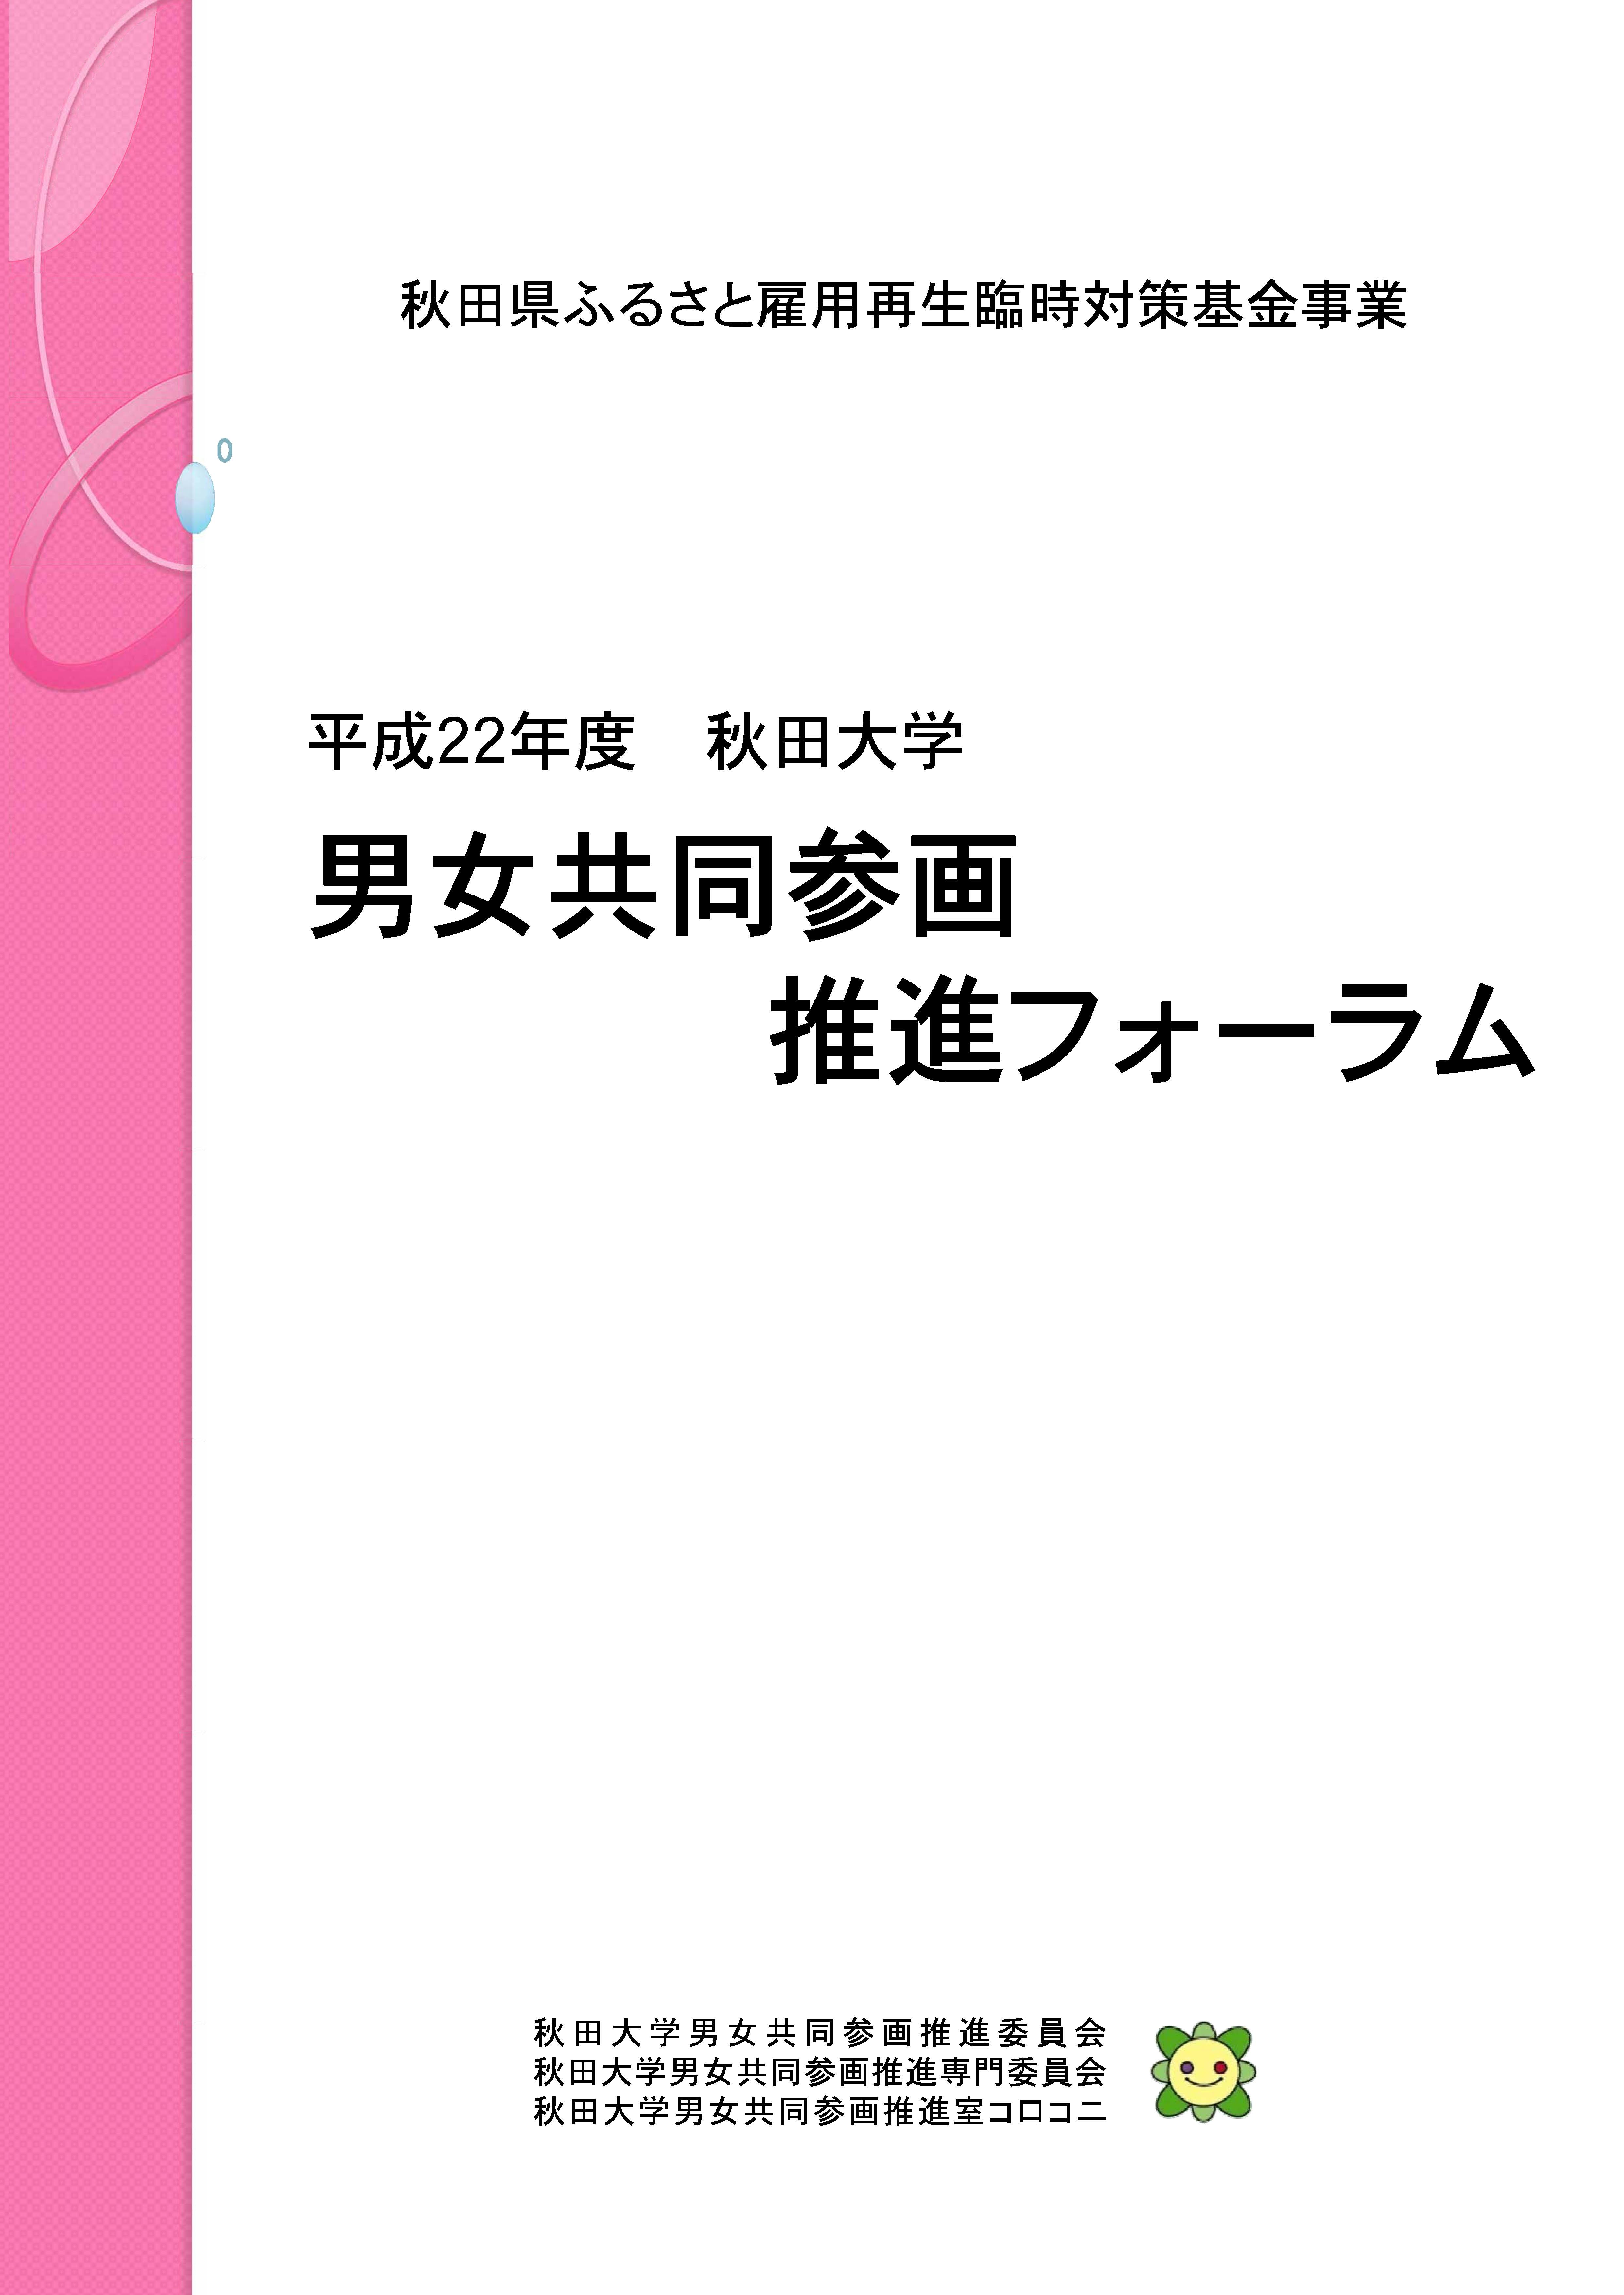 男女共同参画推進フォーラム「女性研究者支援を通してワーク・ライフ・バランスを考える」冊子